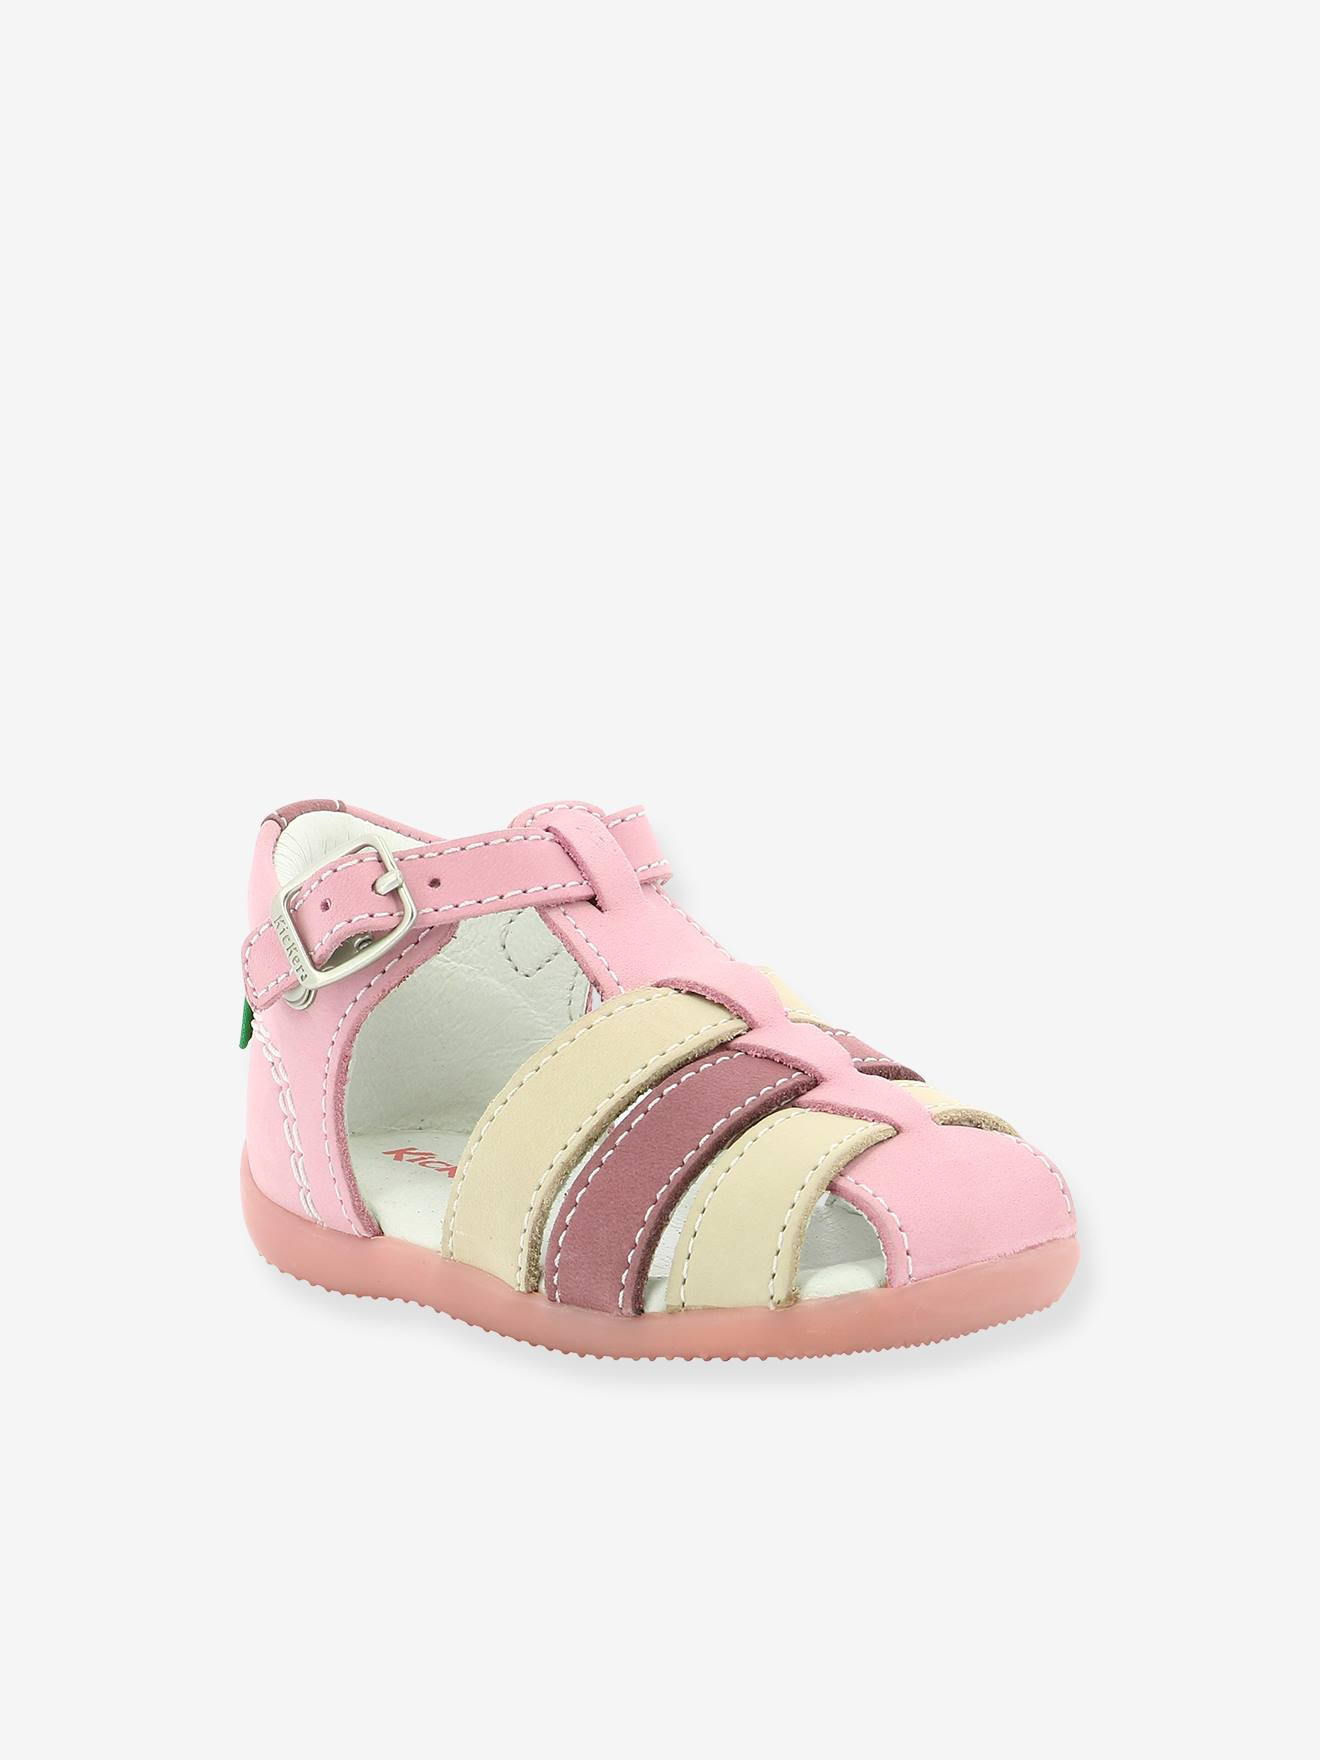 Chaussure enfant Kickers Magasin de Chaussures bébé